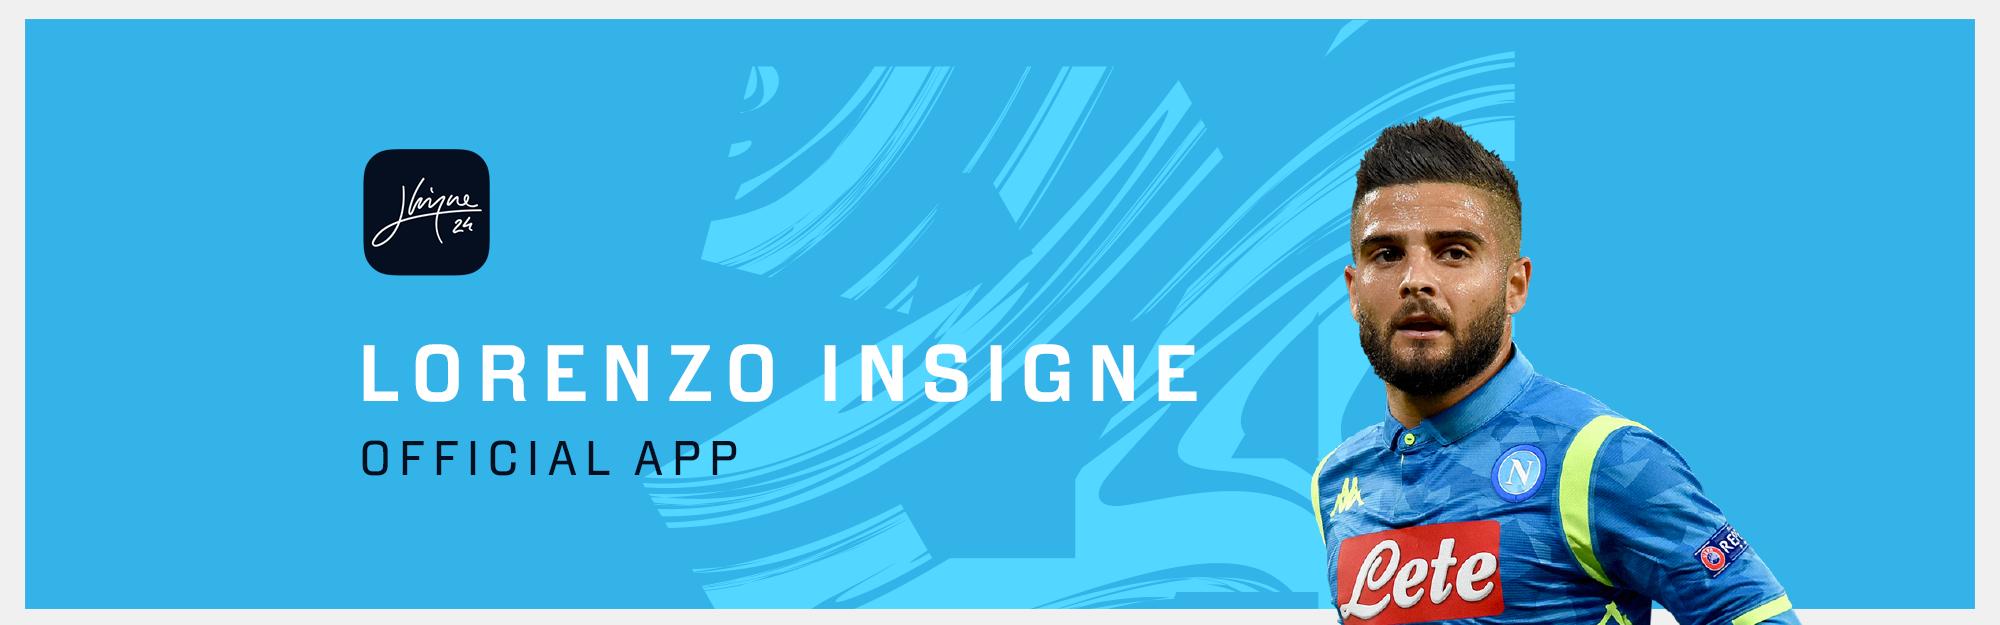 Il Napoli lancia l'app ufficiale di Lorenzo Insigne